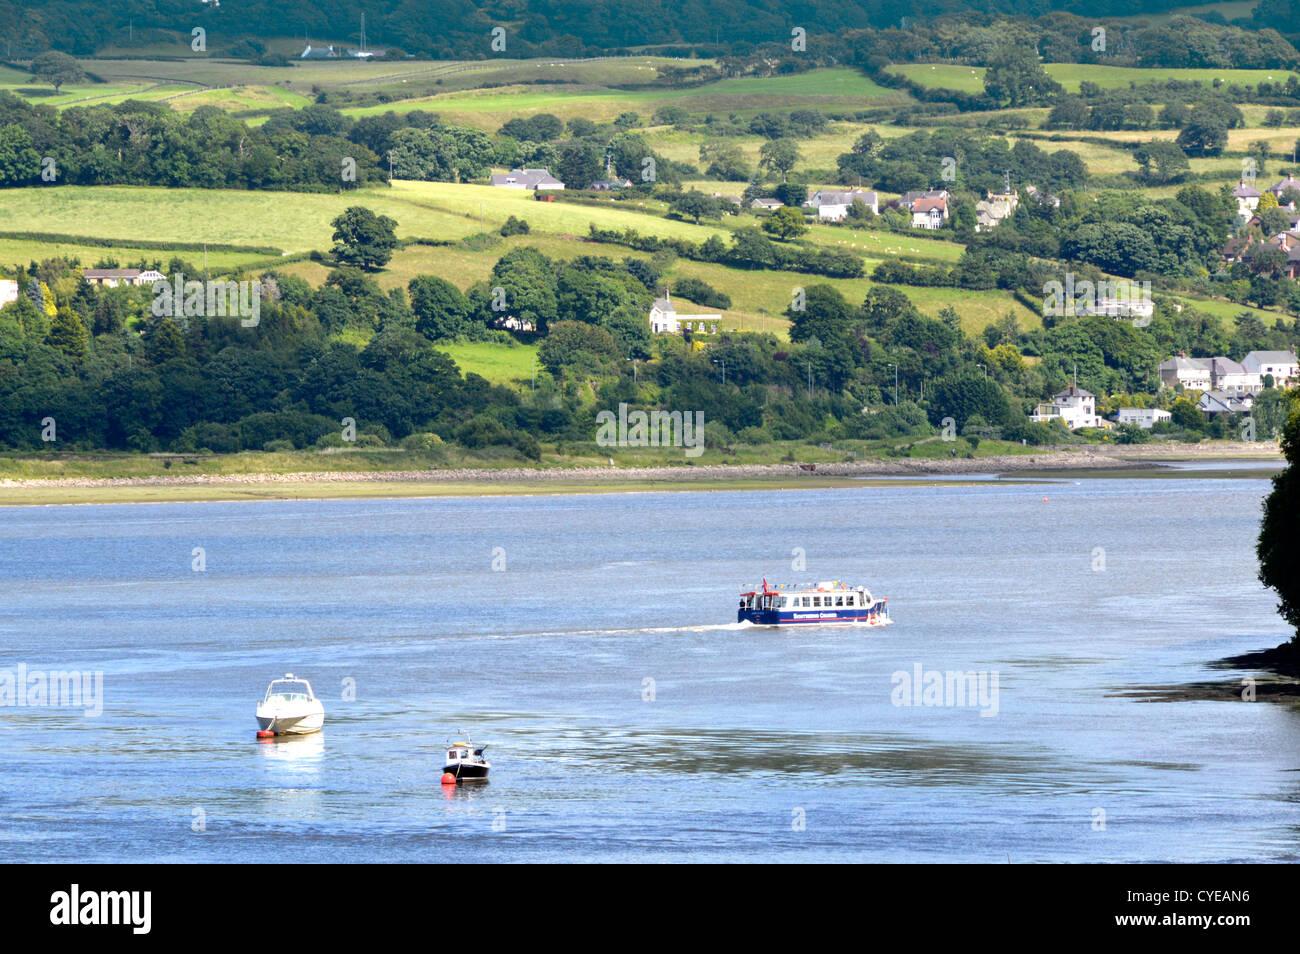 Bateau de croisière touristique à la tête de la vallée de Conwy après avoir quitté Photo Stock